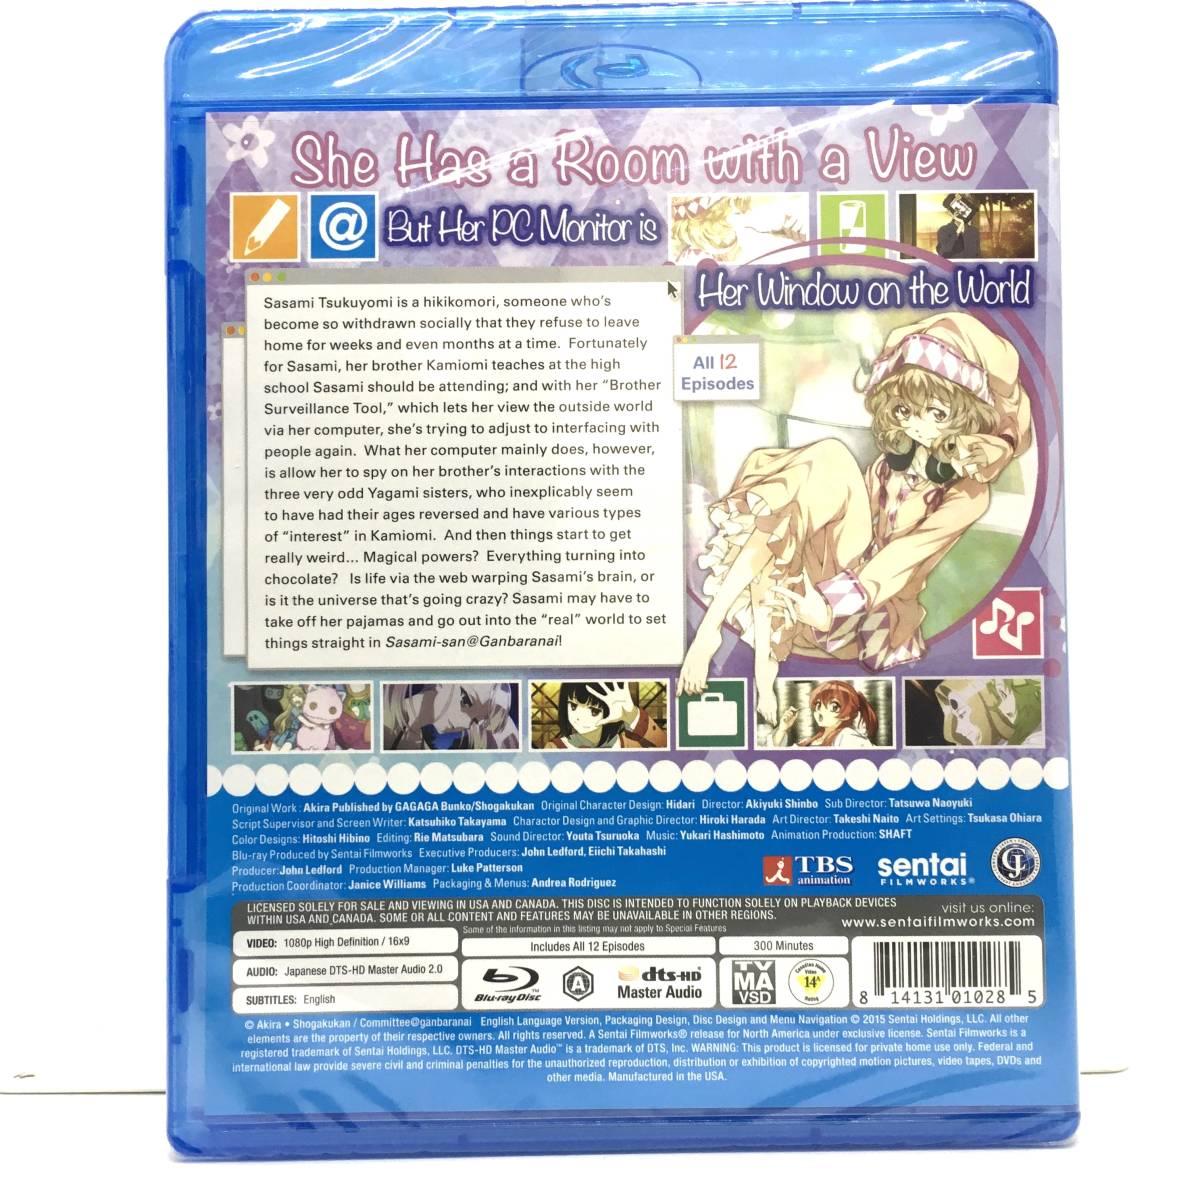 【送料無料】 新品 ささみさん@がんばらない Blu-ray 北米版ブルーレイ